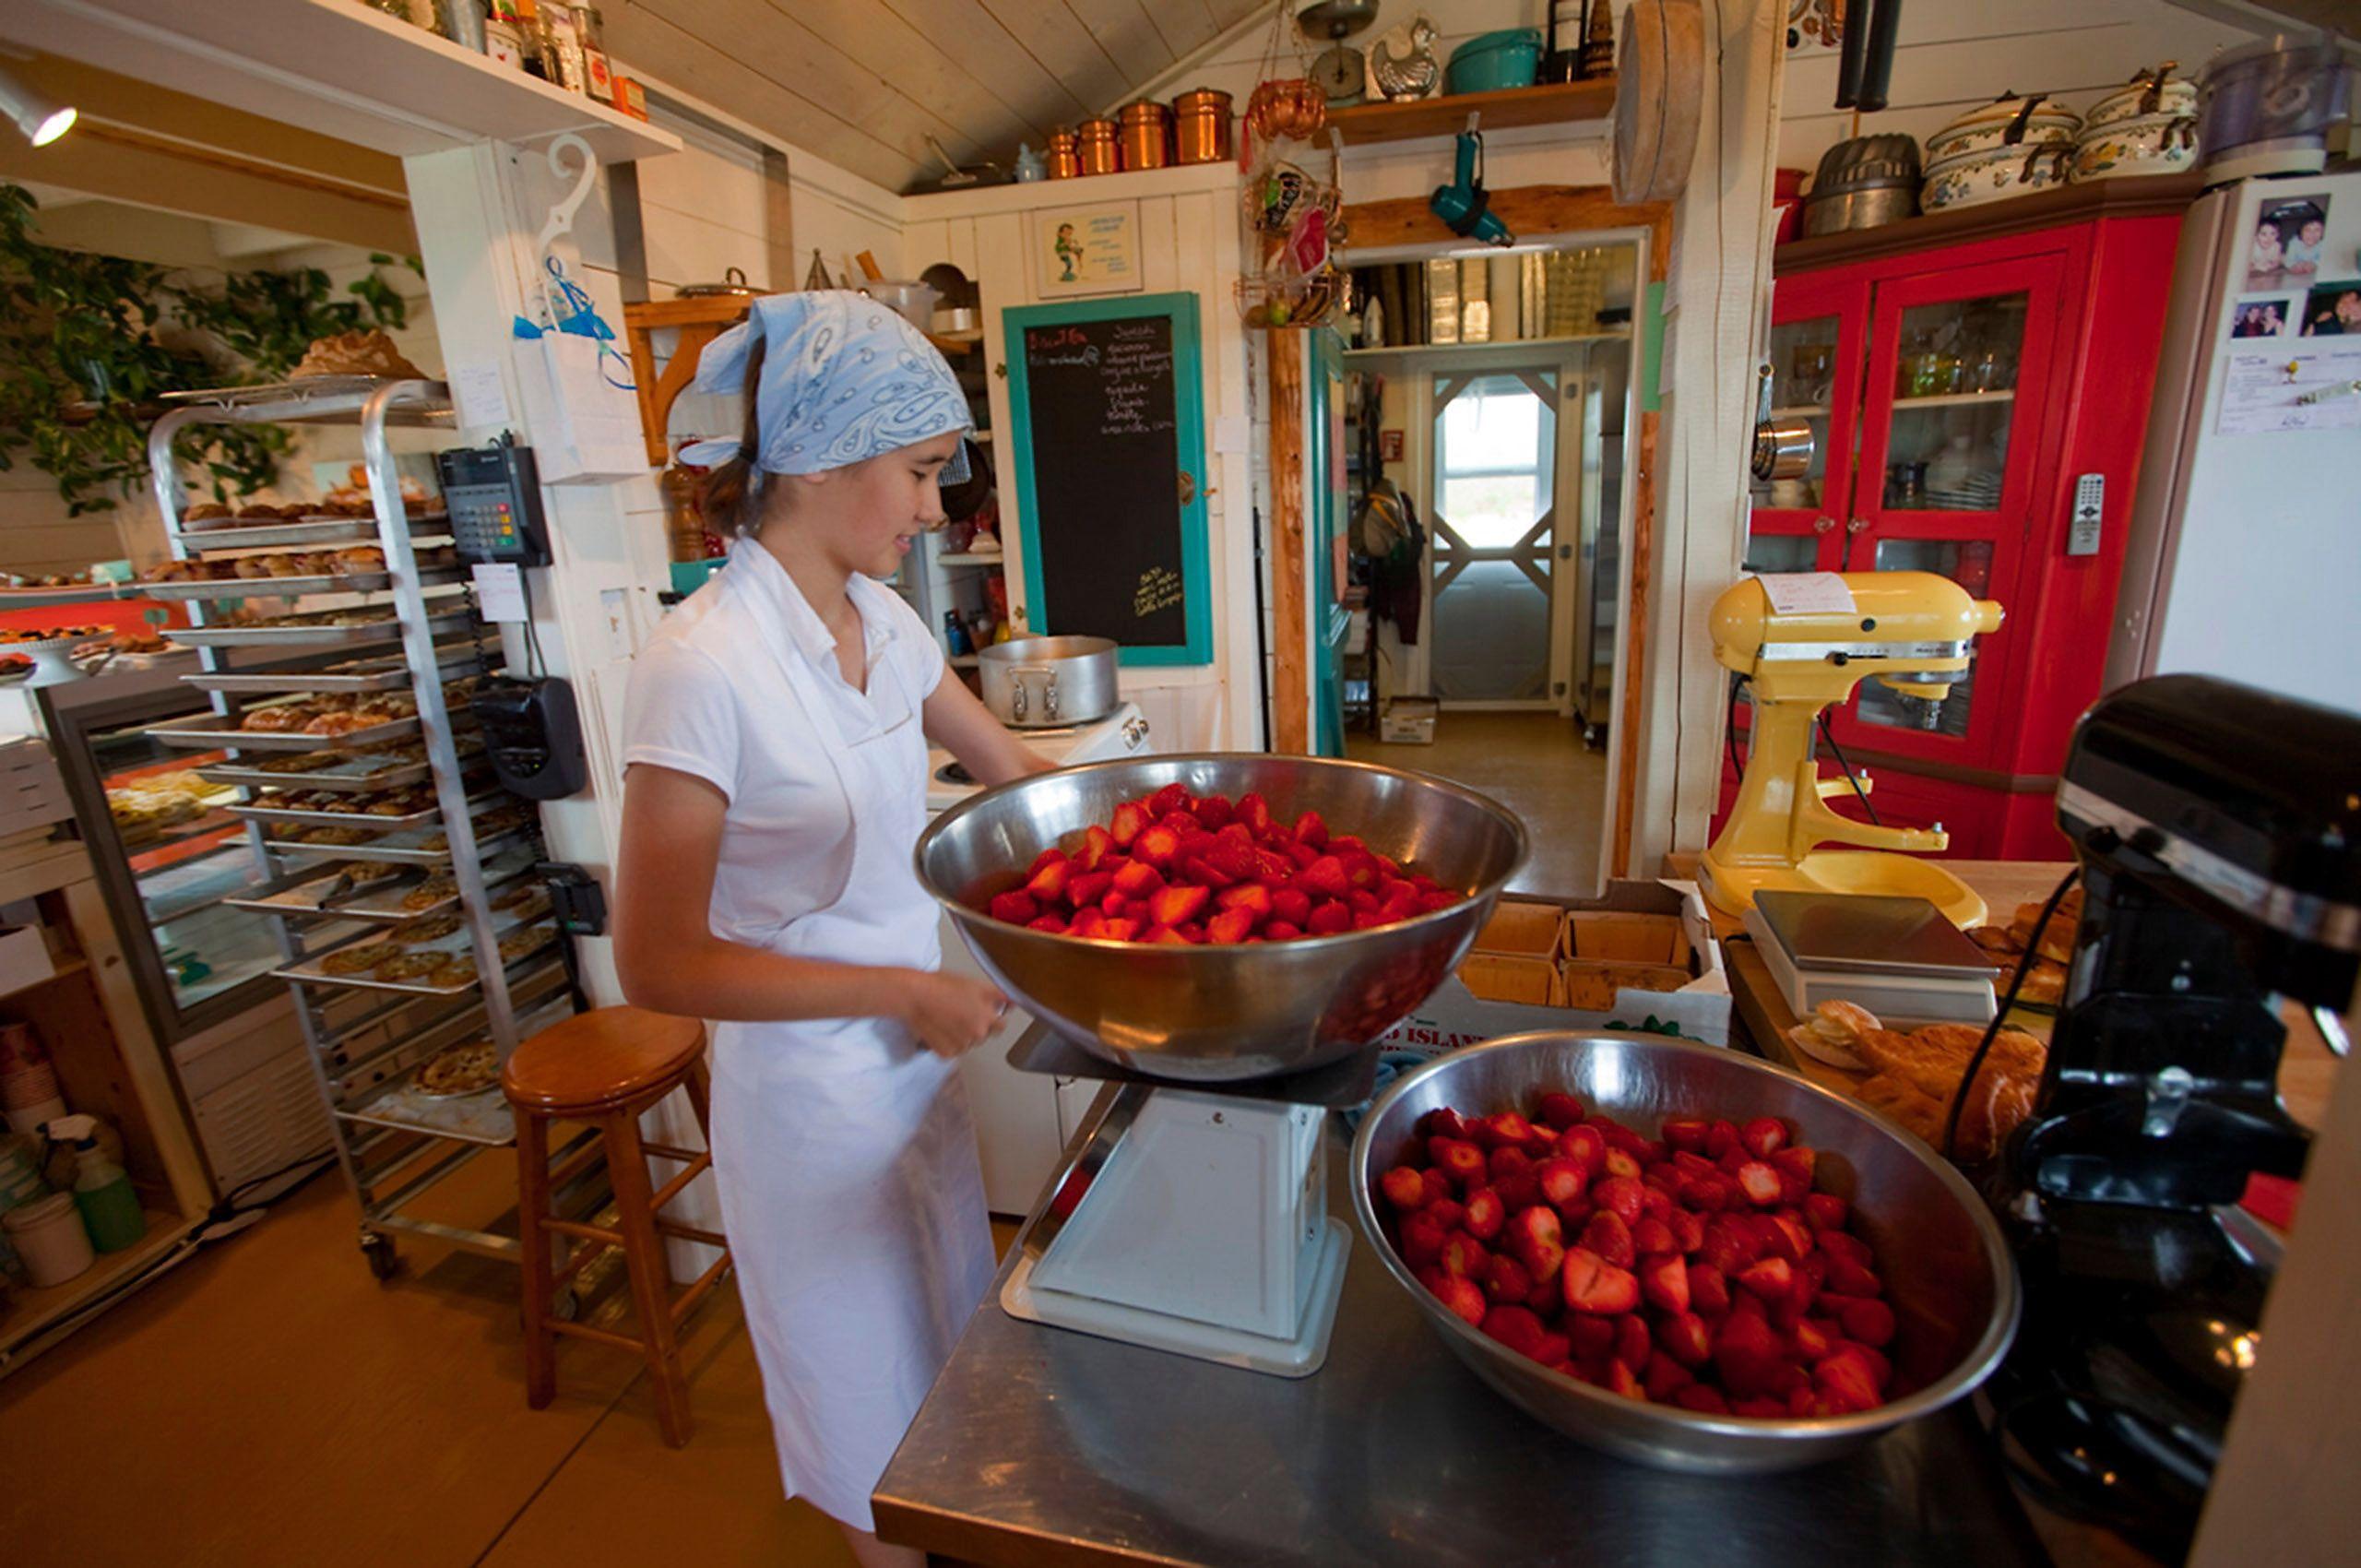 Commercial bakery Pâtisserie Hélène des iles Hélène Des Iles Les Îles de la Madeleine Quebec fraise strawberry